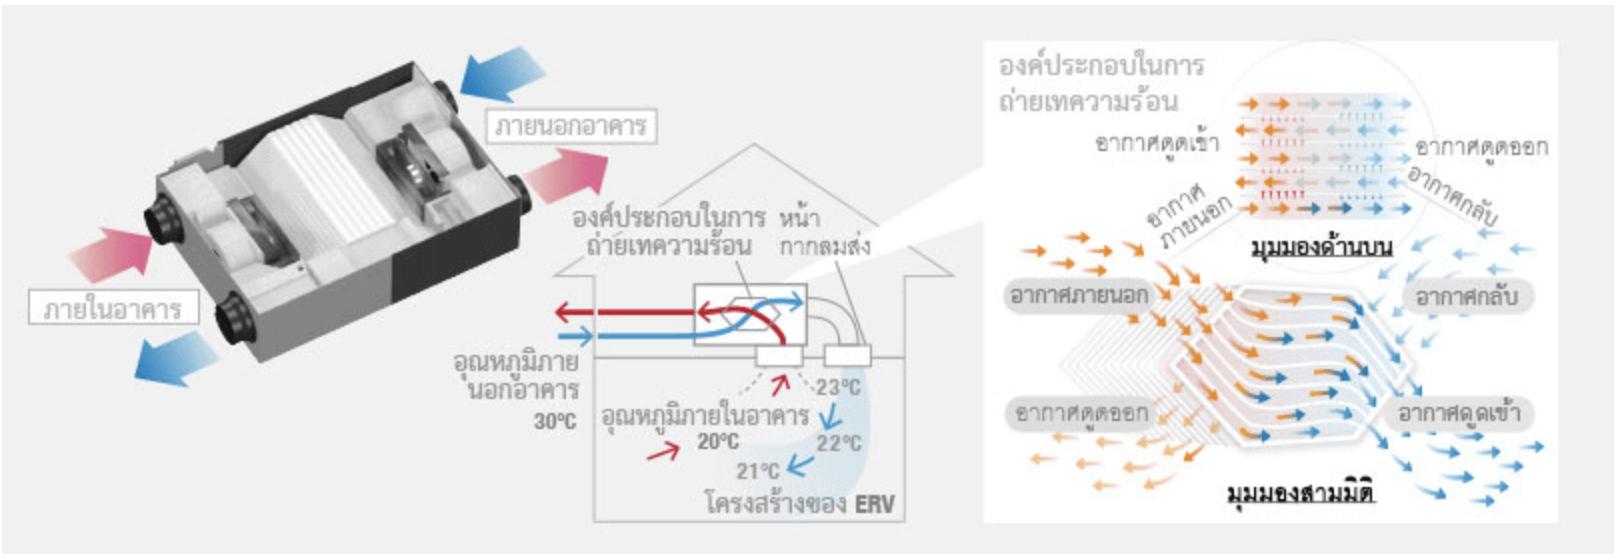 ระบบระบายอากาศ Panasonic – ภาพแสดงการทำงานของระบบพัดลมระบายอากาศที่ช่วยหมุนเวียนอากาศภายในห้อง ปรับสมดุลความชื้น ลดสารก่อภูมิแพ้